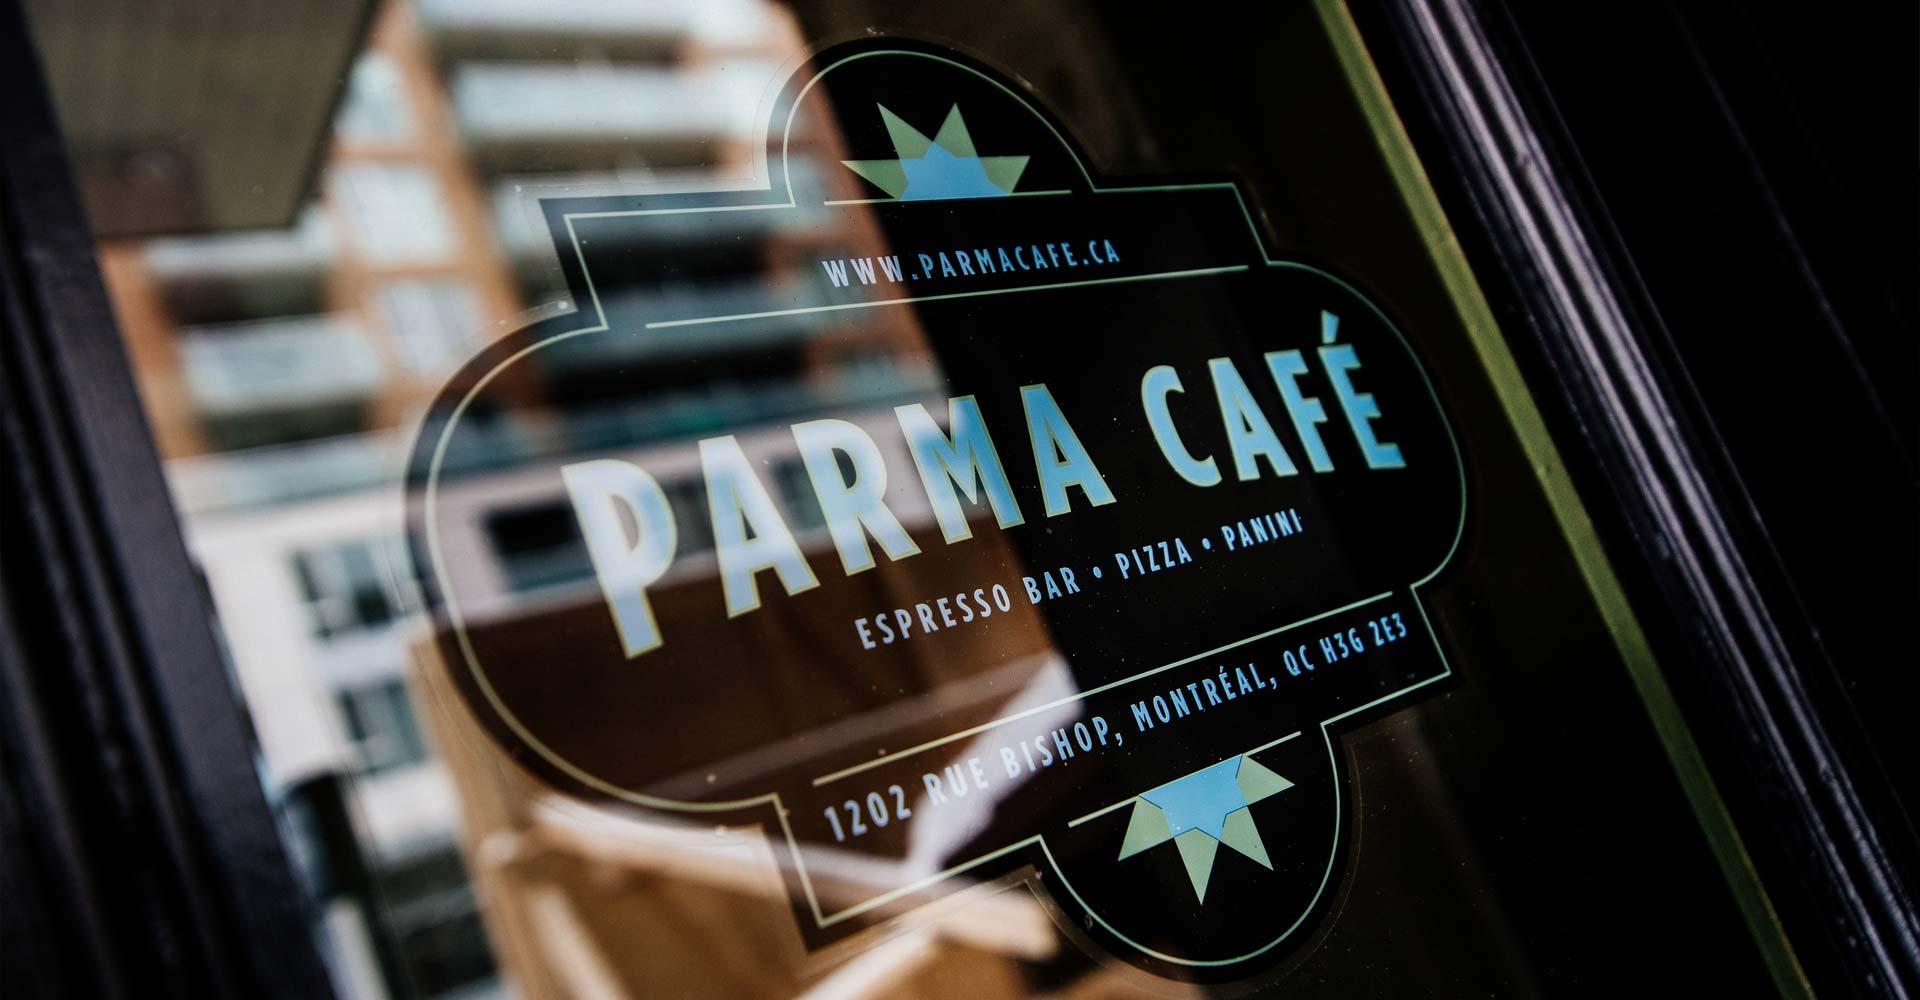 Contact Parma Cafe 8 En